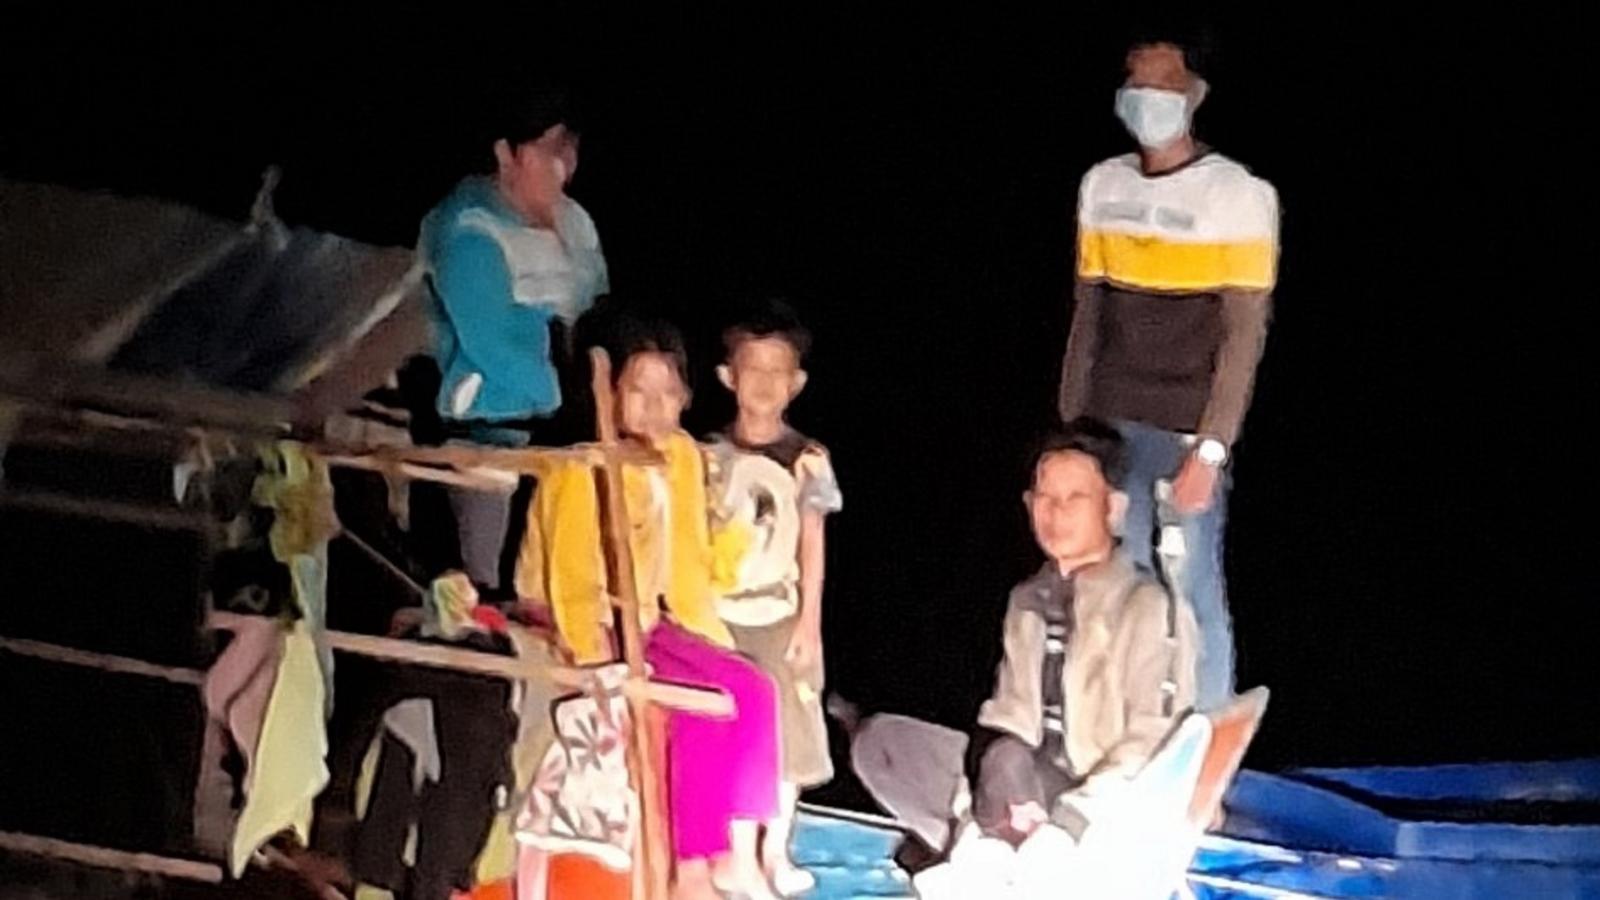 3 hộ gia đình tìm cách vượt biên vào Việt Nam trong đêm